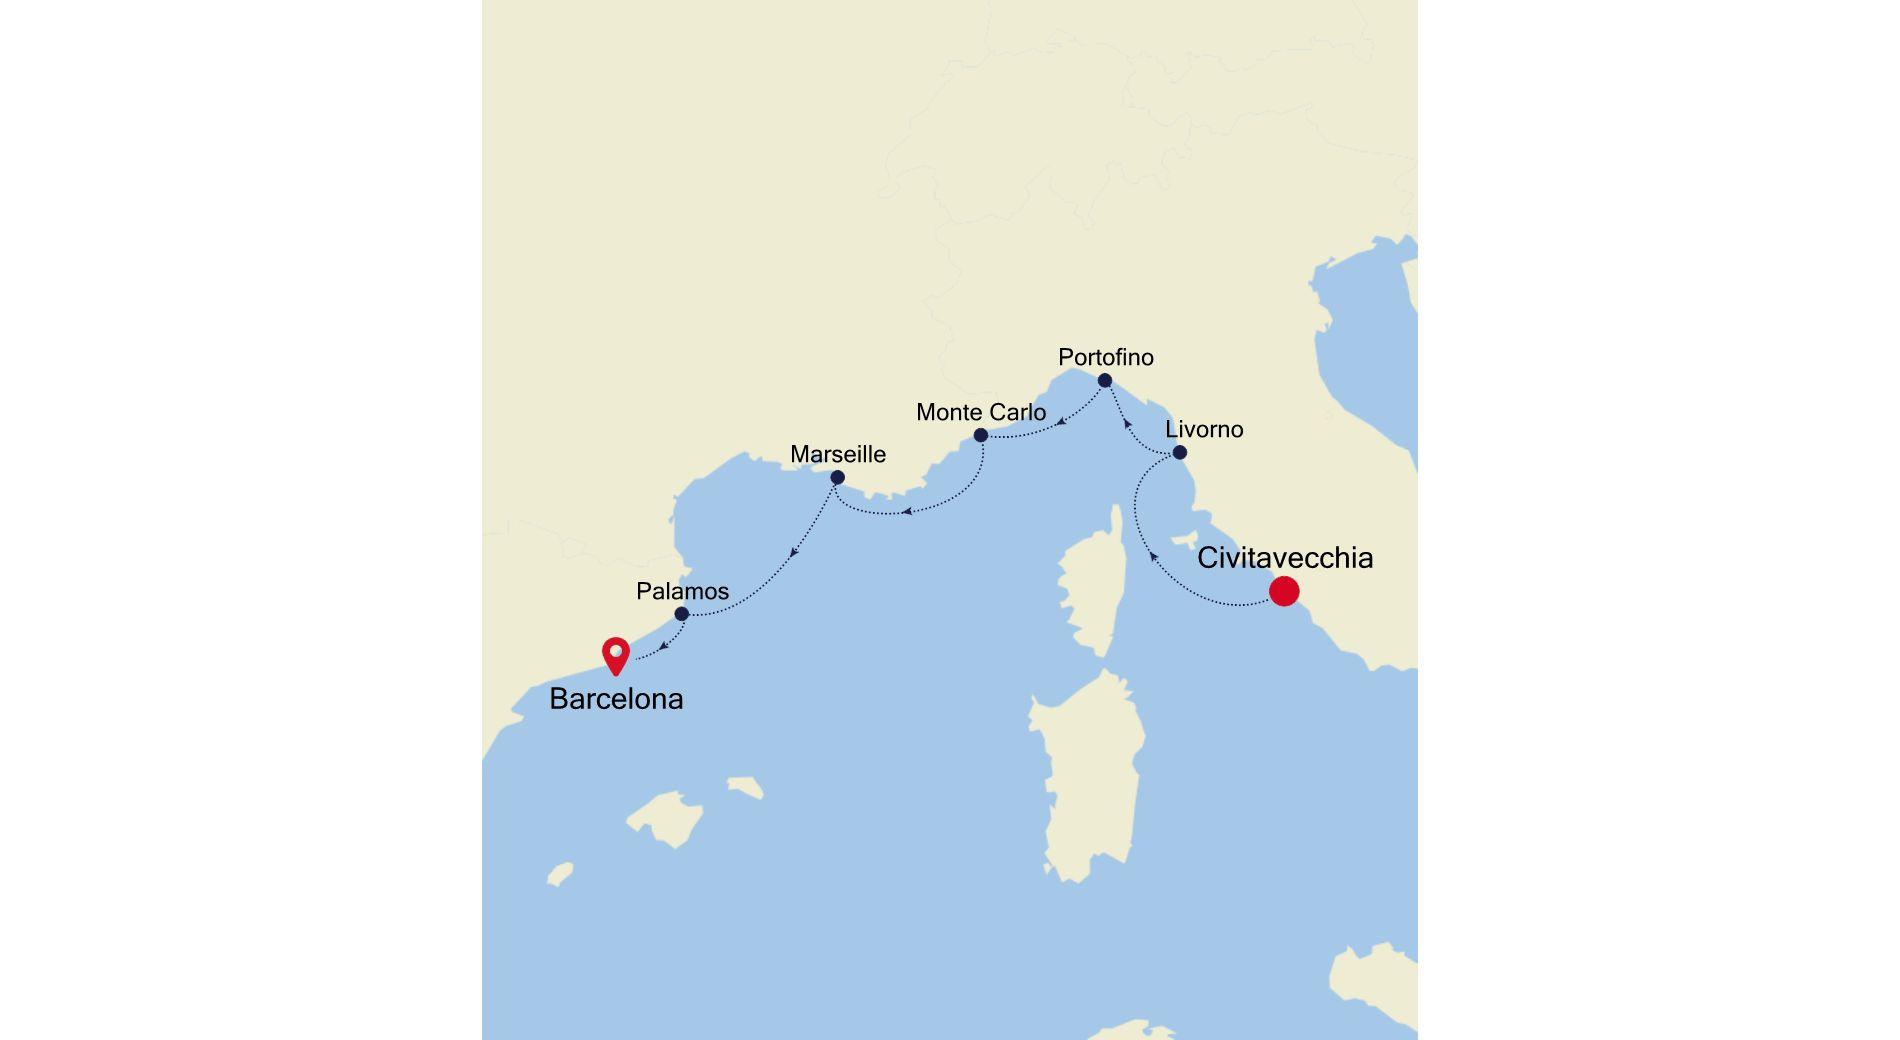 MO200817007 - Civitavecchia to Barcelona